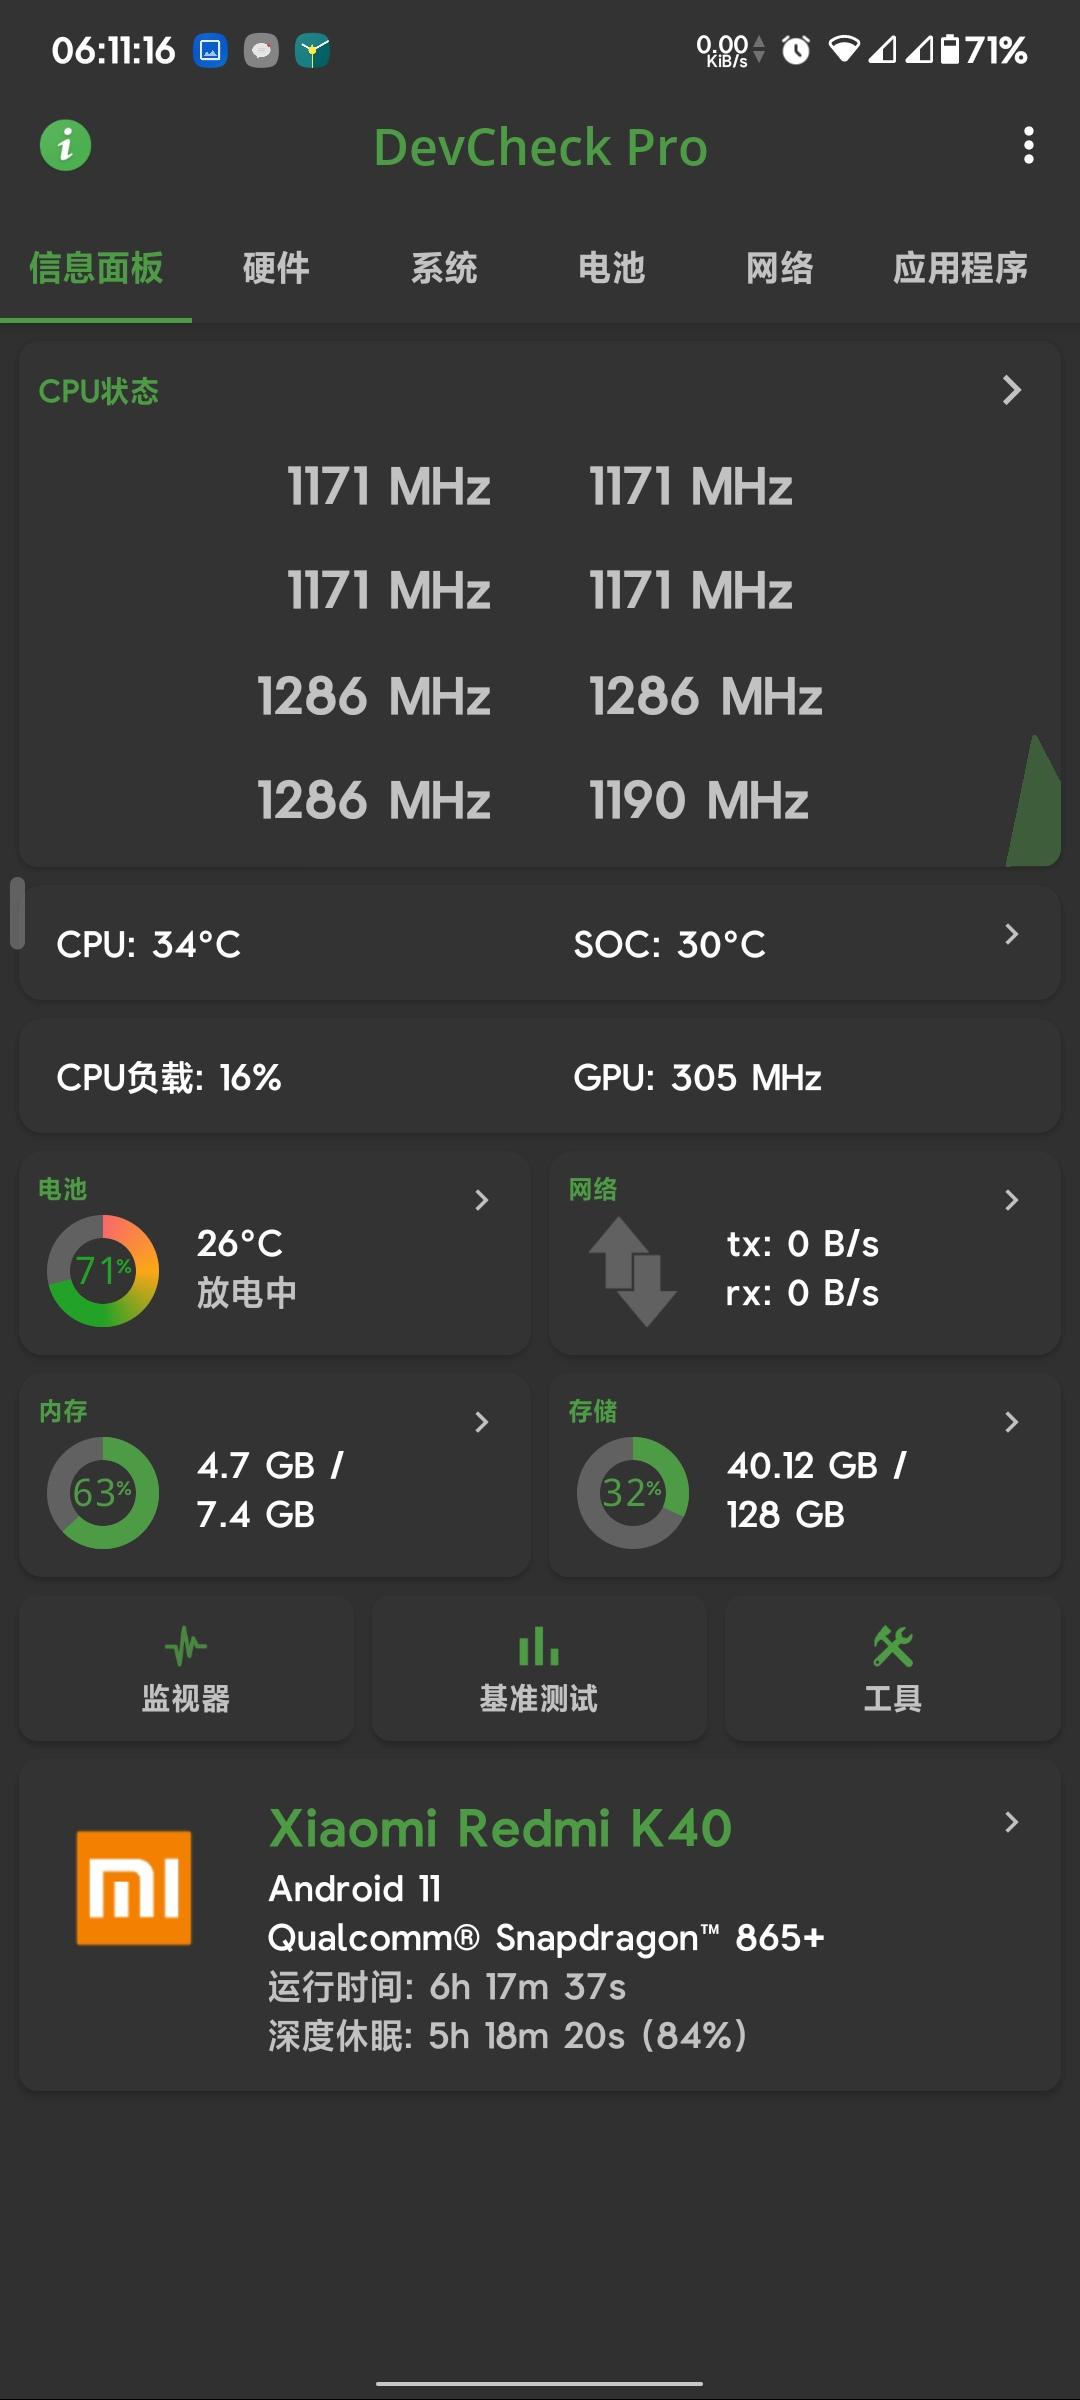 Screenshot_20210731-061118847.jpg